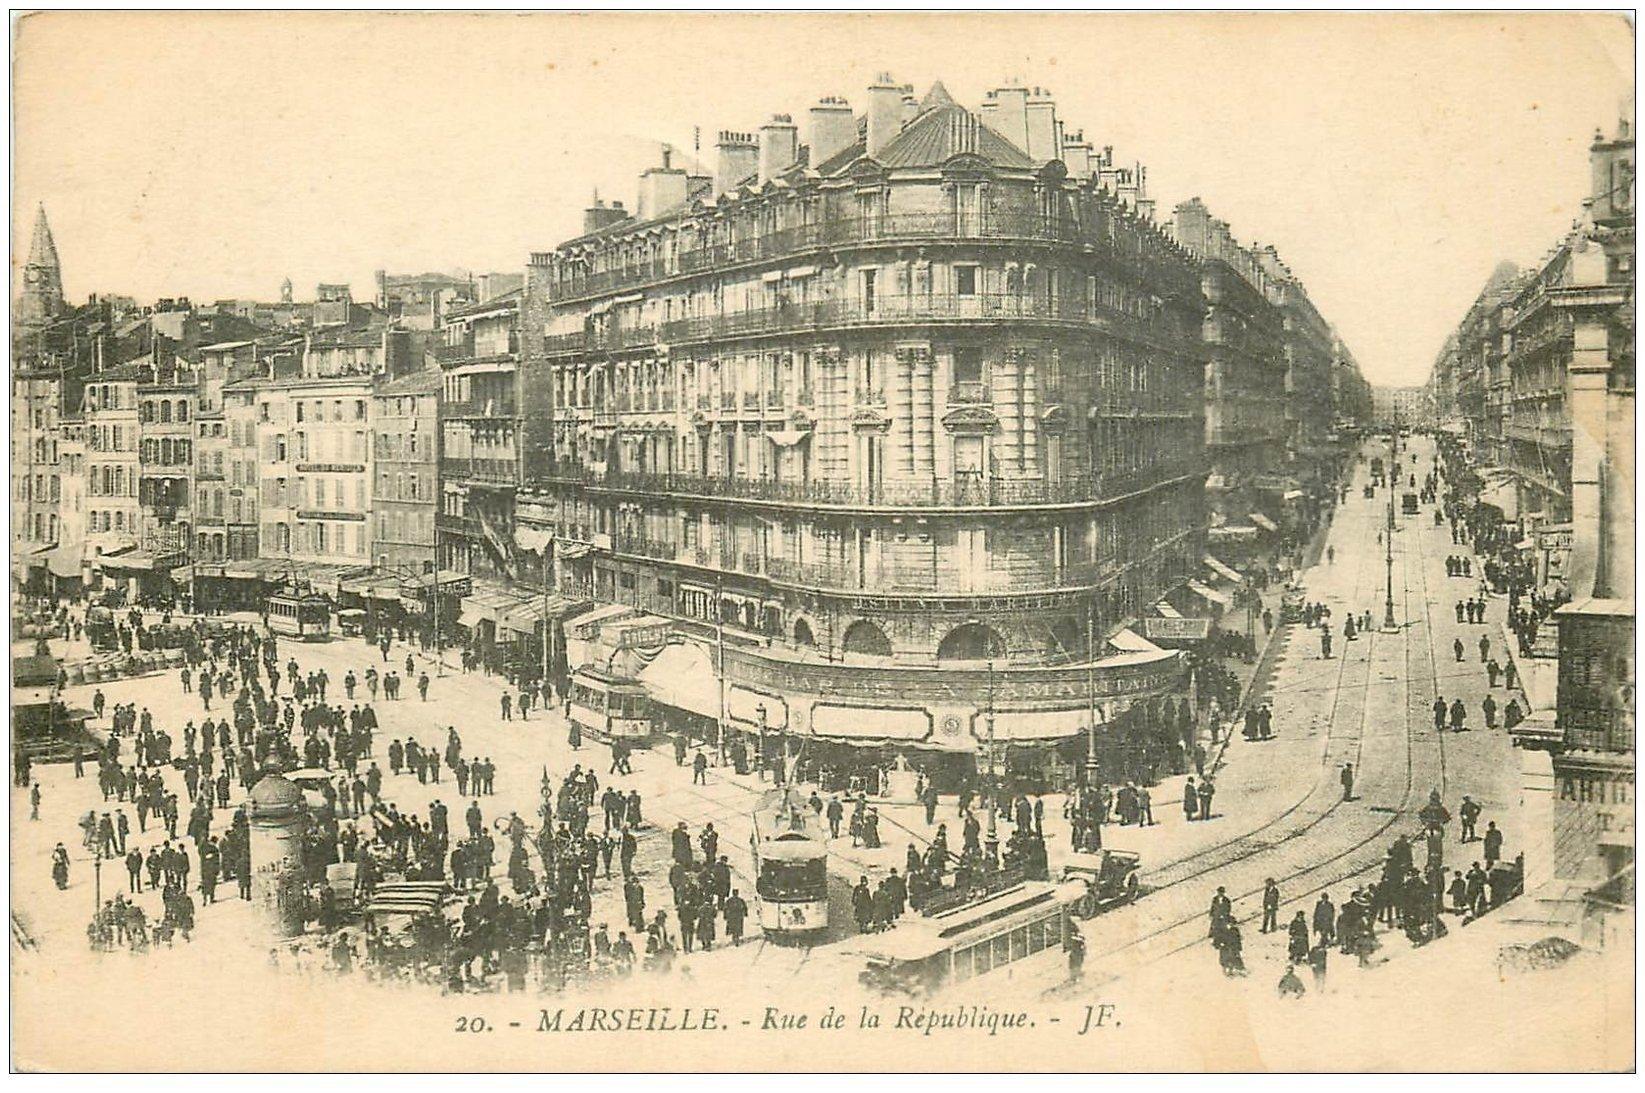 13 MARSEILLE. Rue de la République 1919